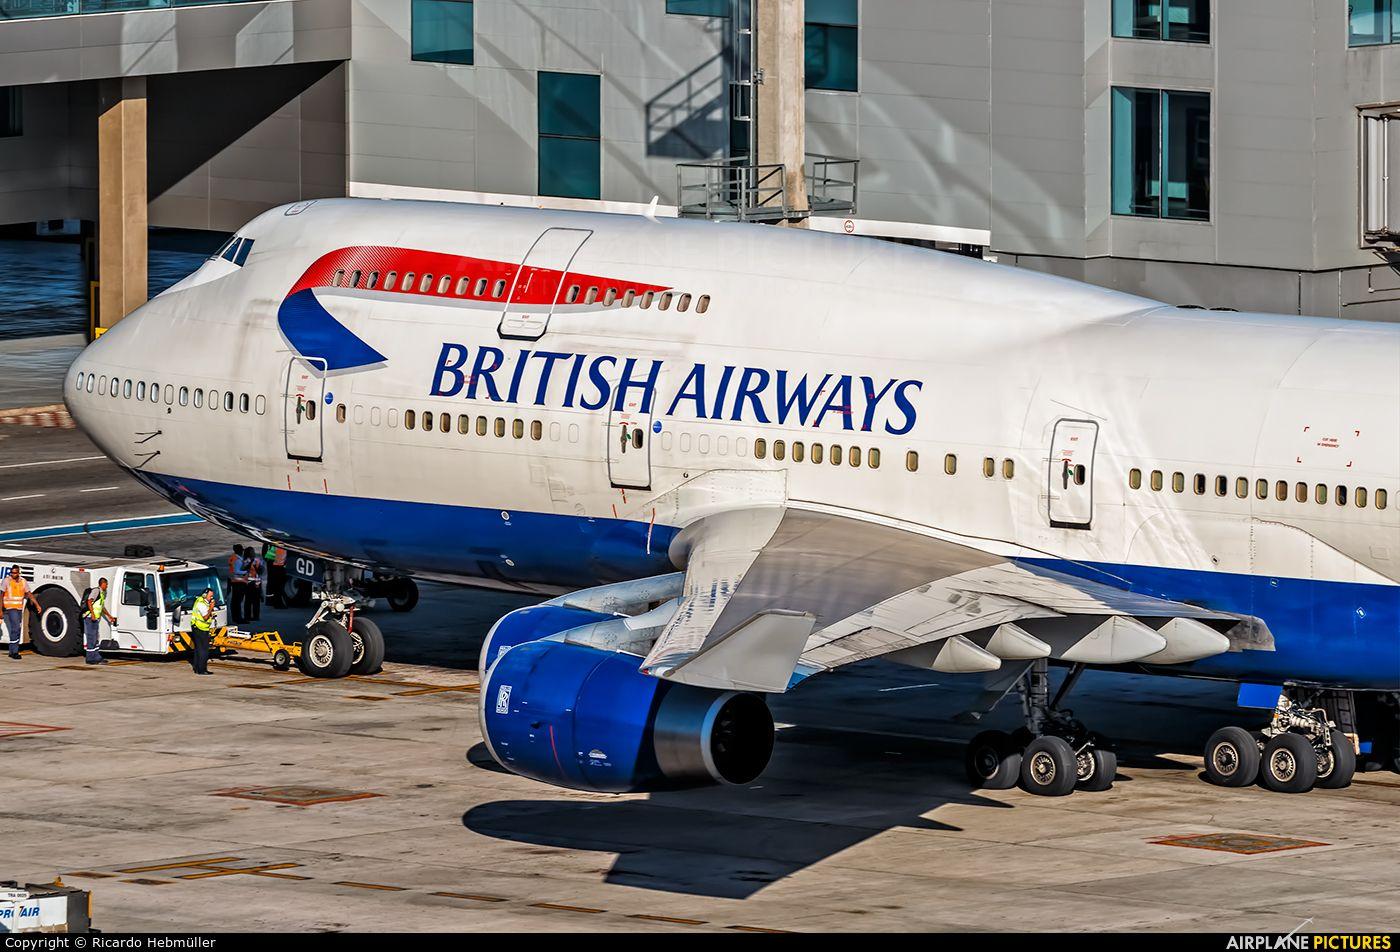 British Airways Boeing 747400 photo by Ricardo Hebmüller